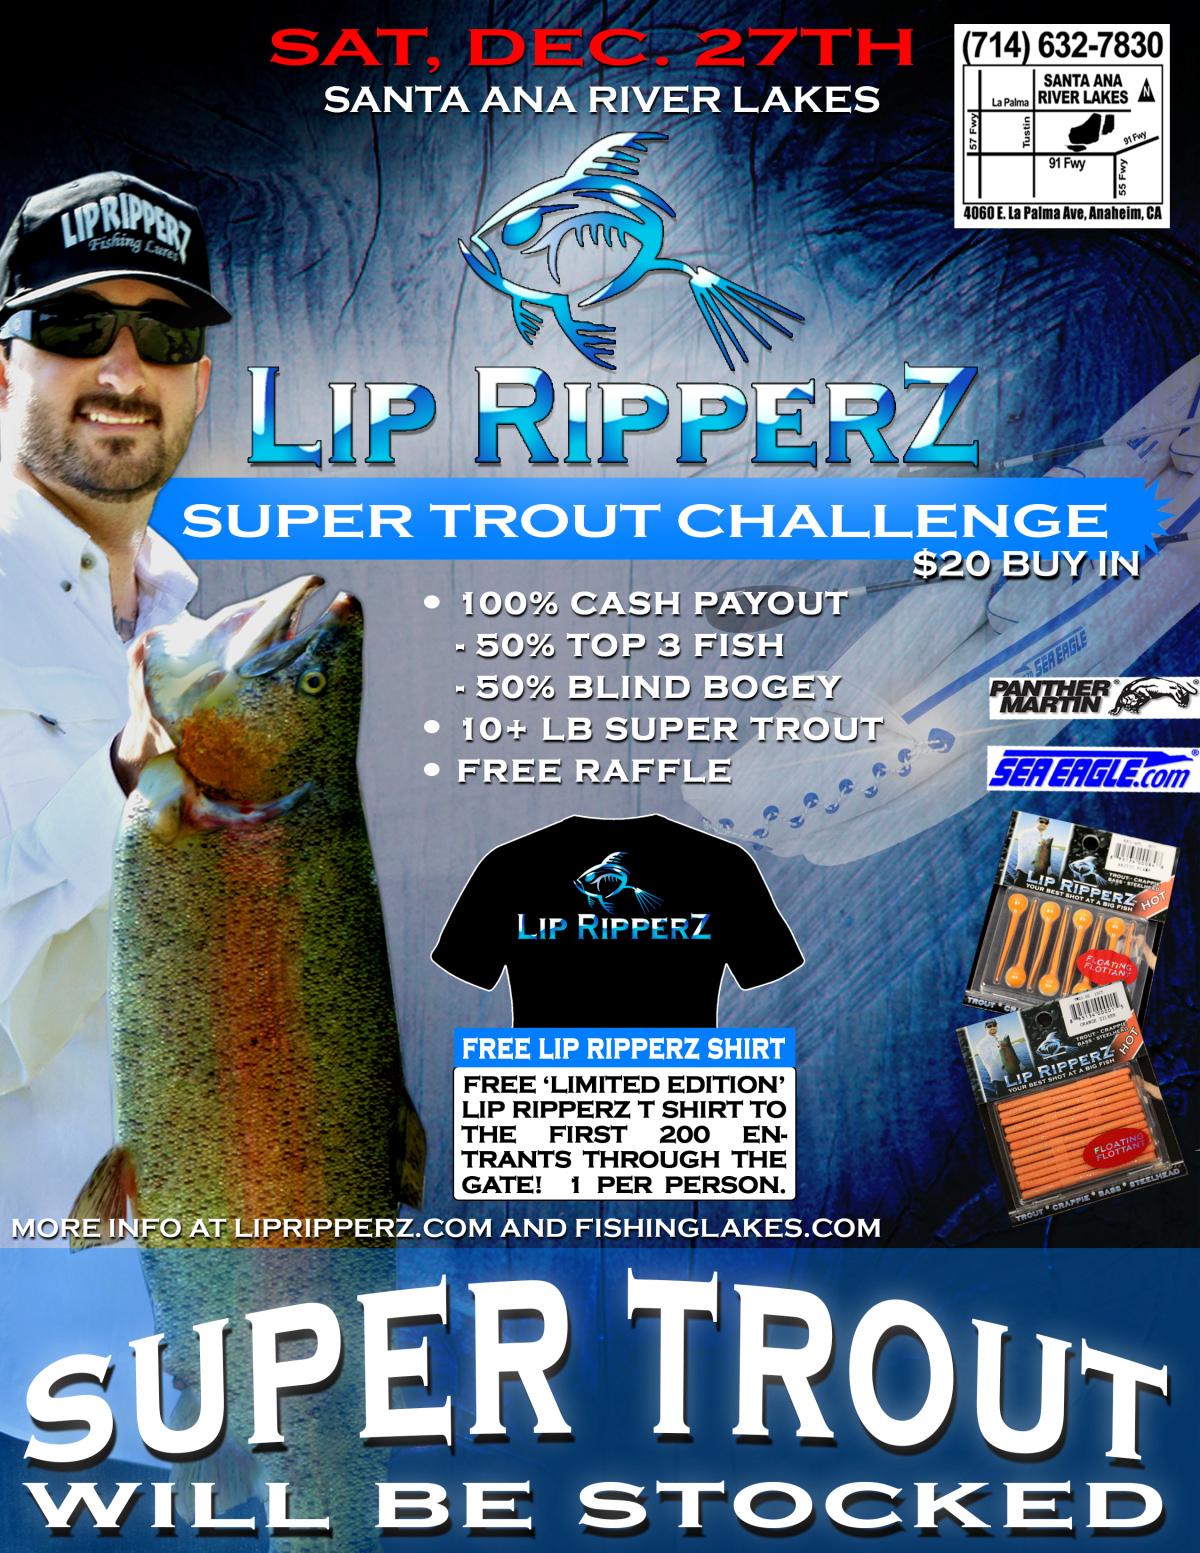 Lip ripperz super trout challenge at santa ana for Santa ana river lakes fishing tips